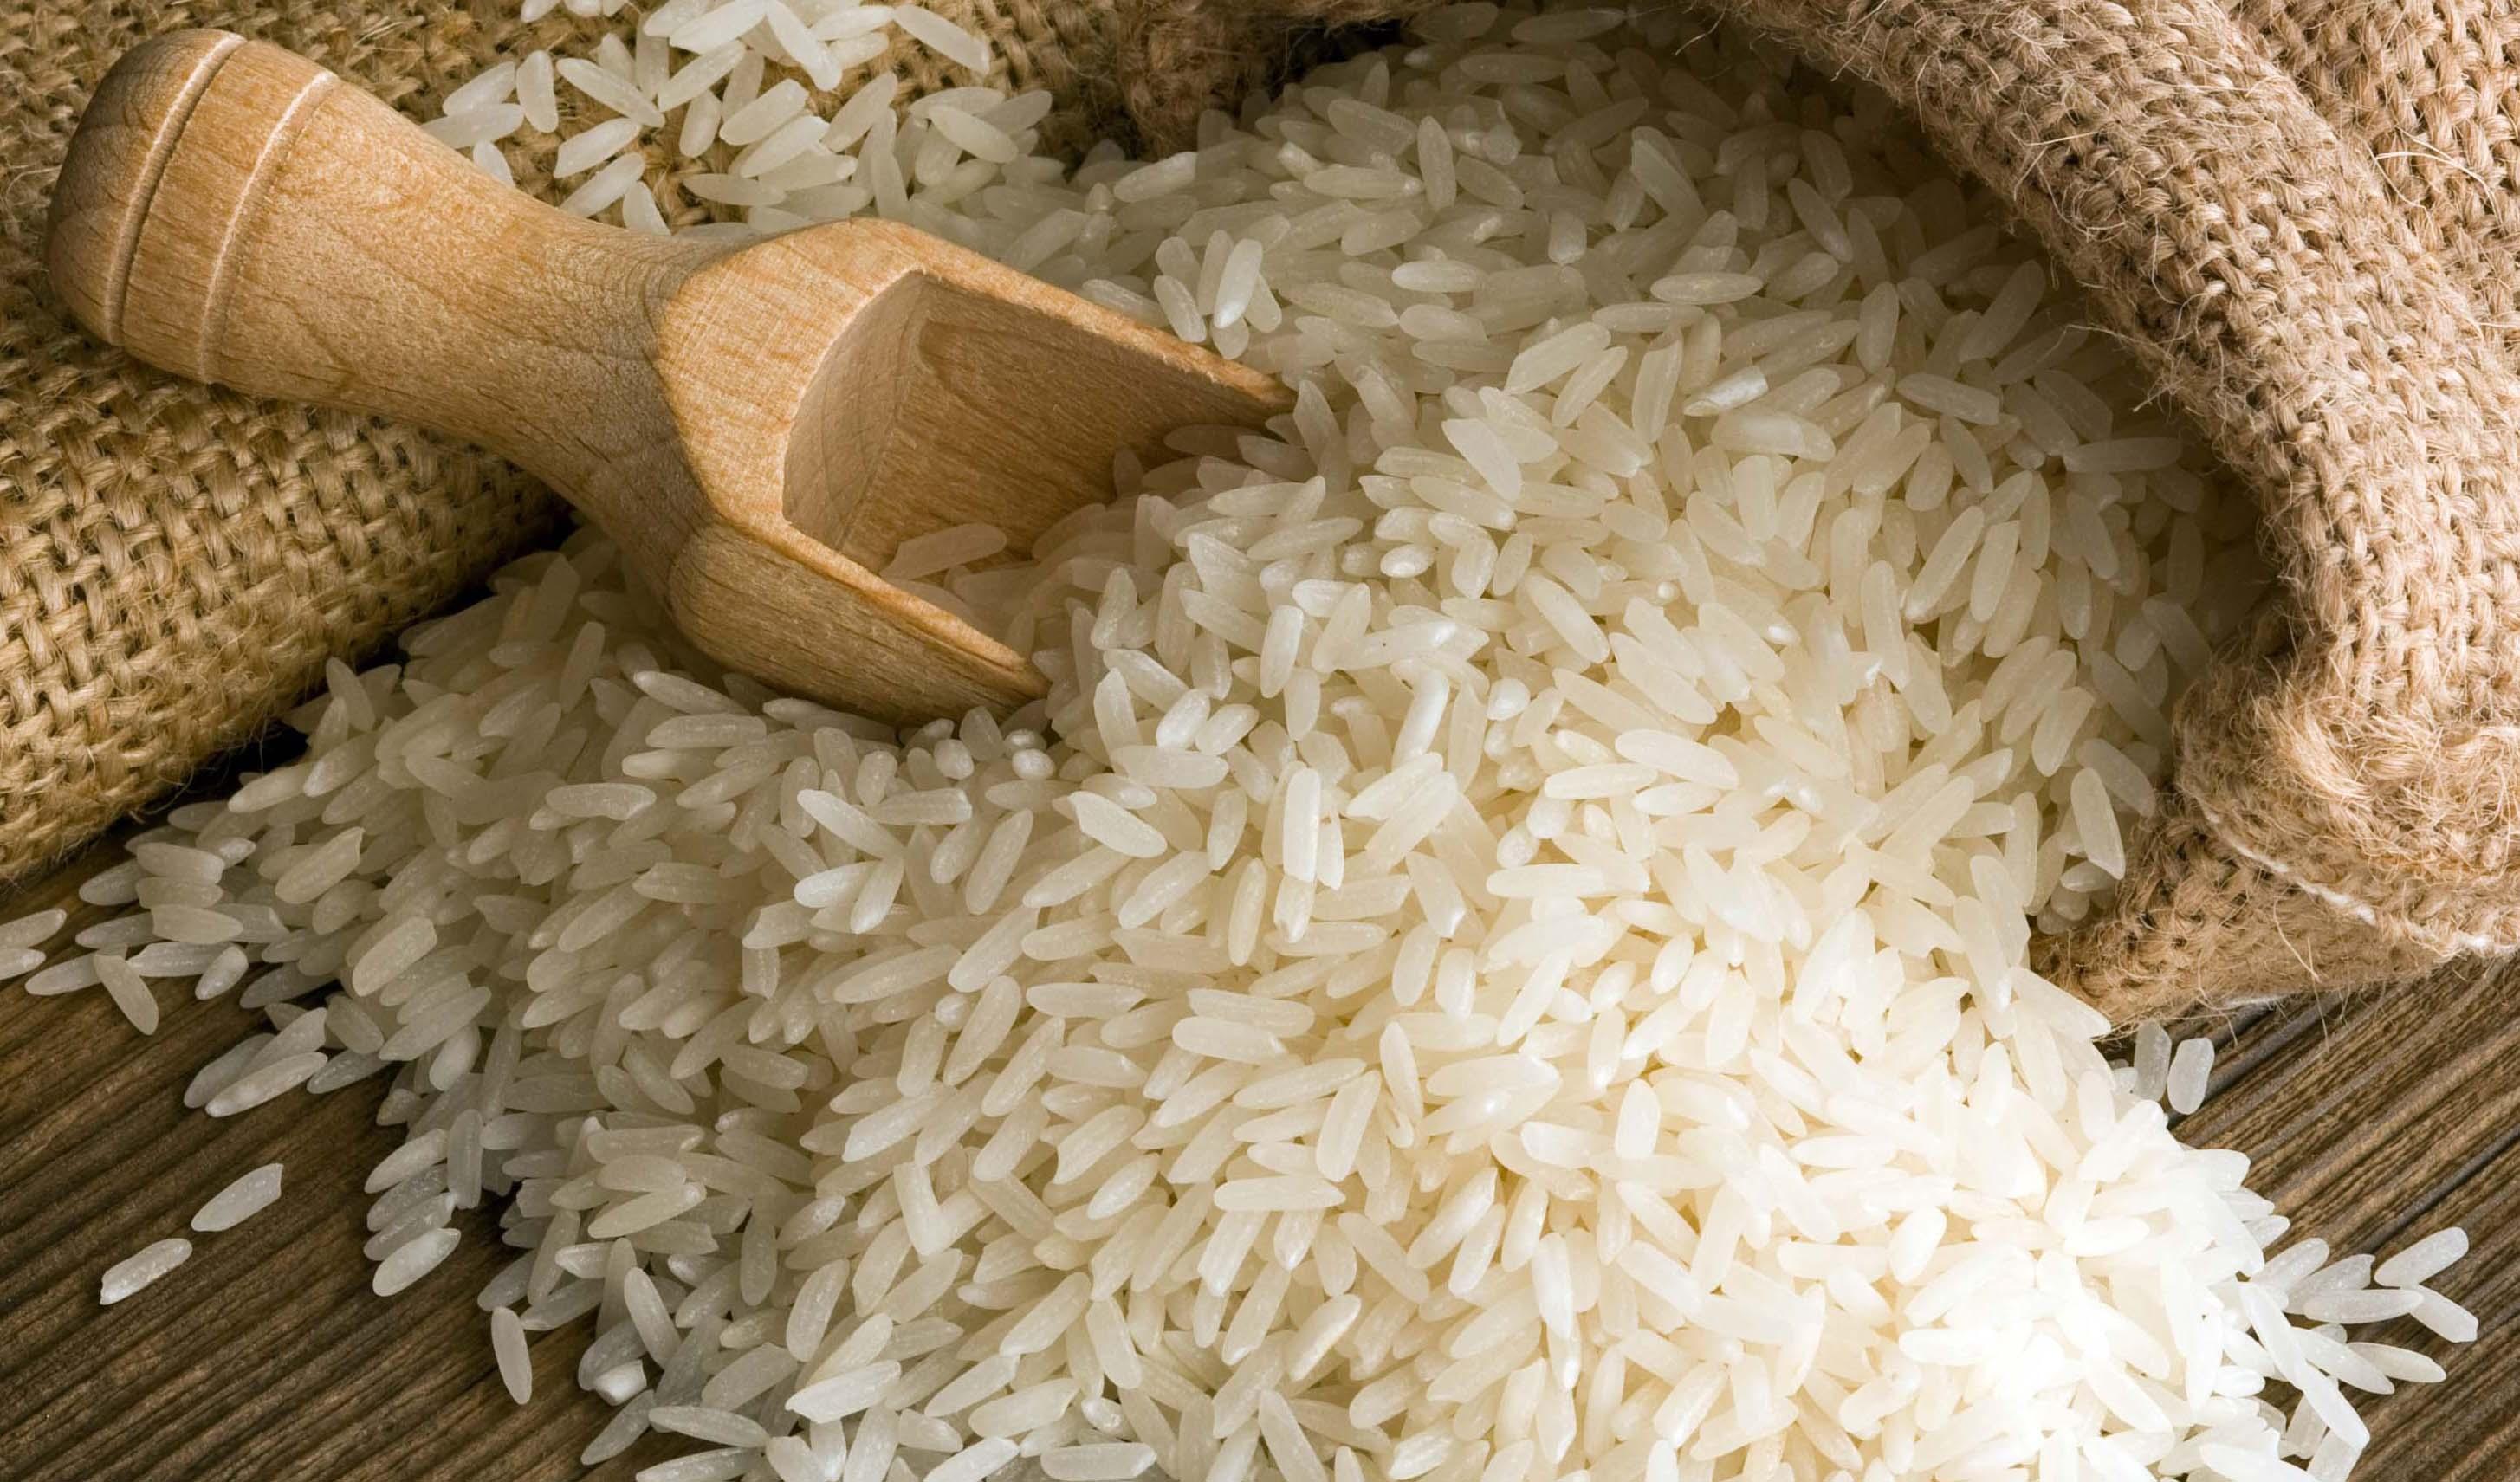 برنج به اندازه نیاز در بازار وجود دارد